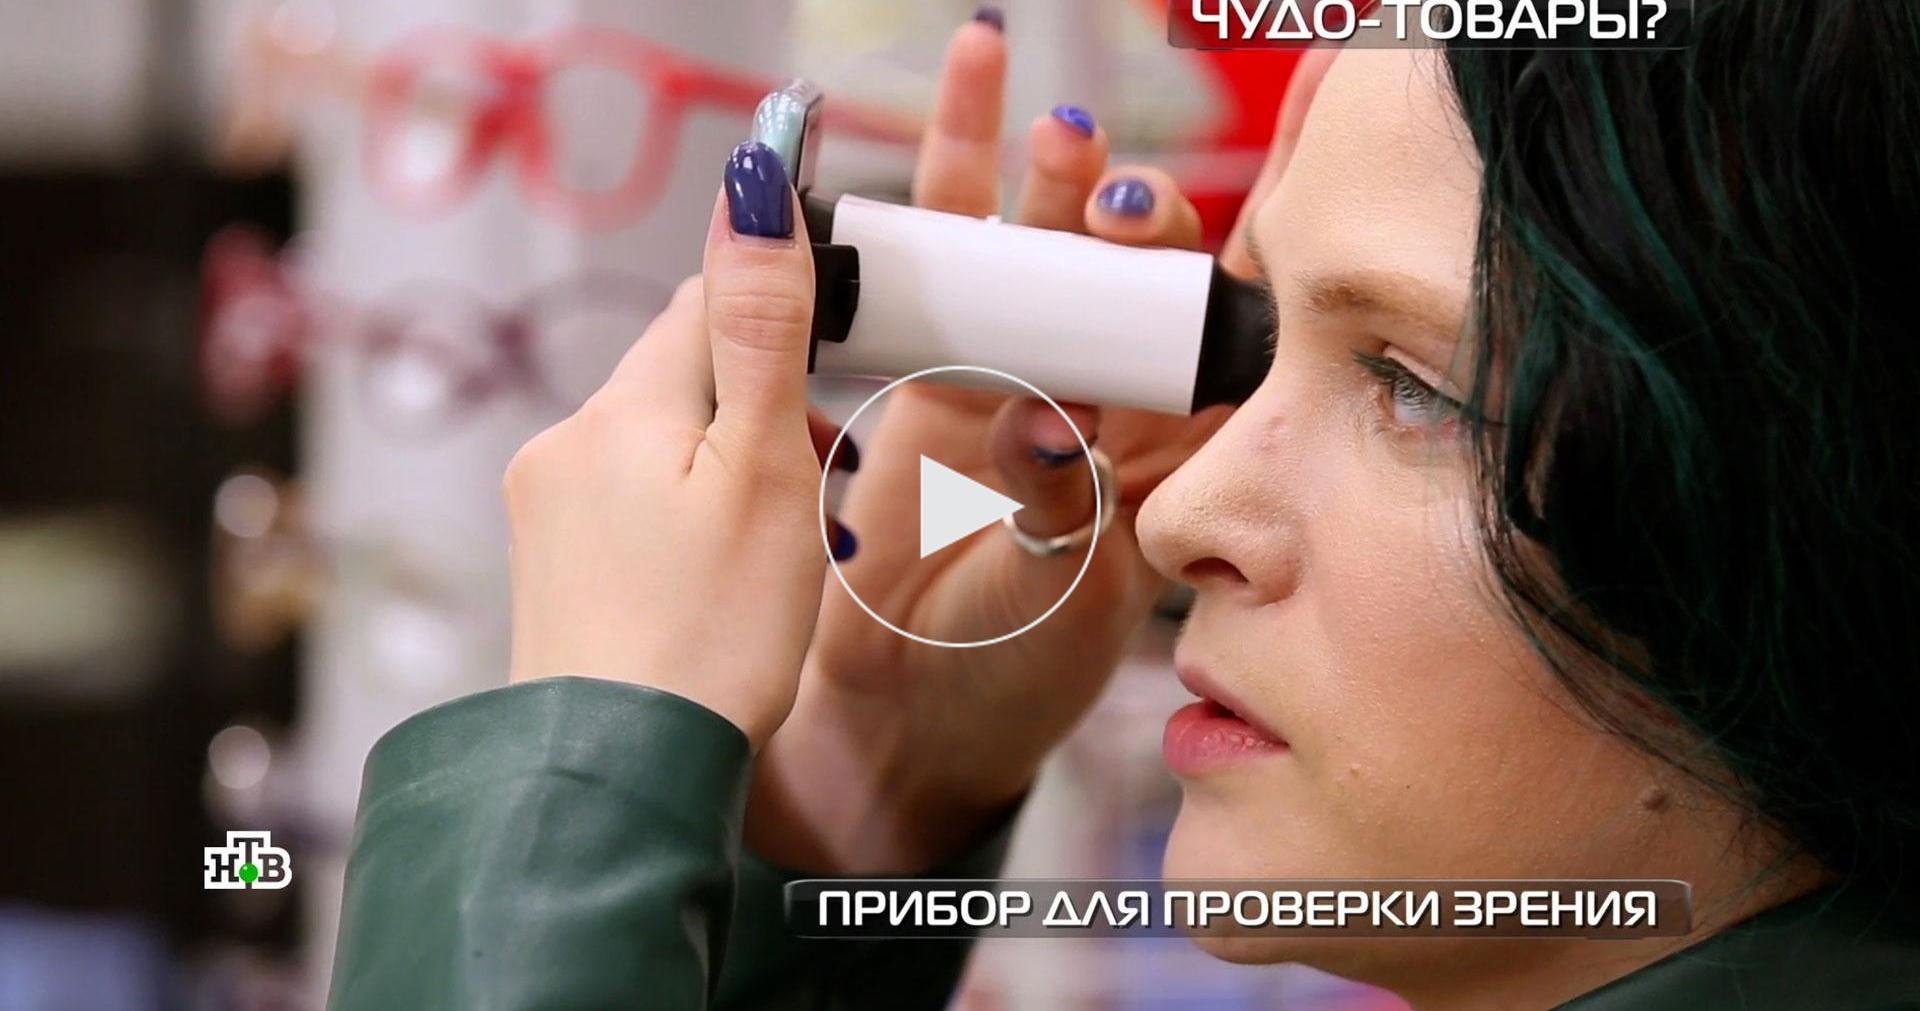 Прибор для проверки зрения ипортативный газовый гриль